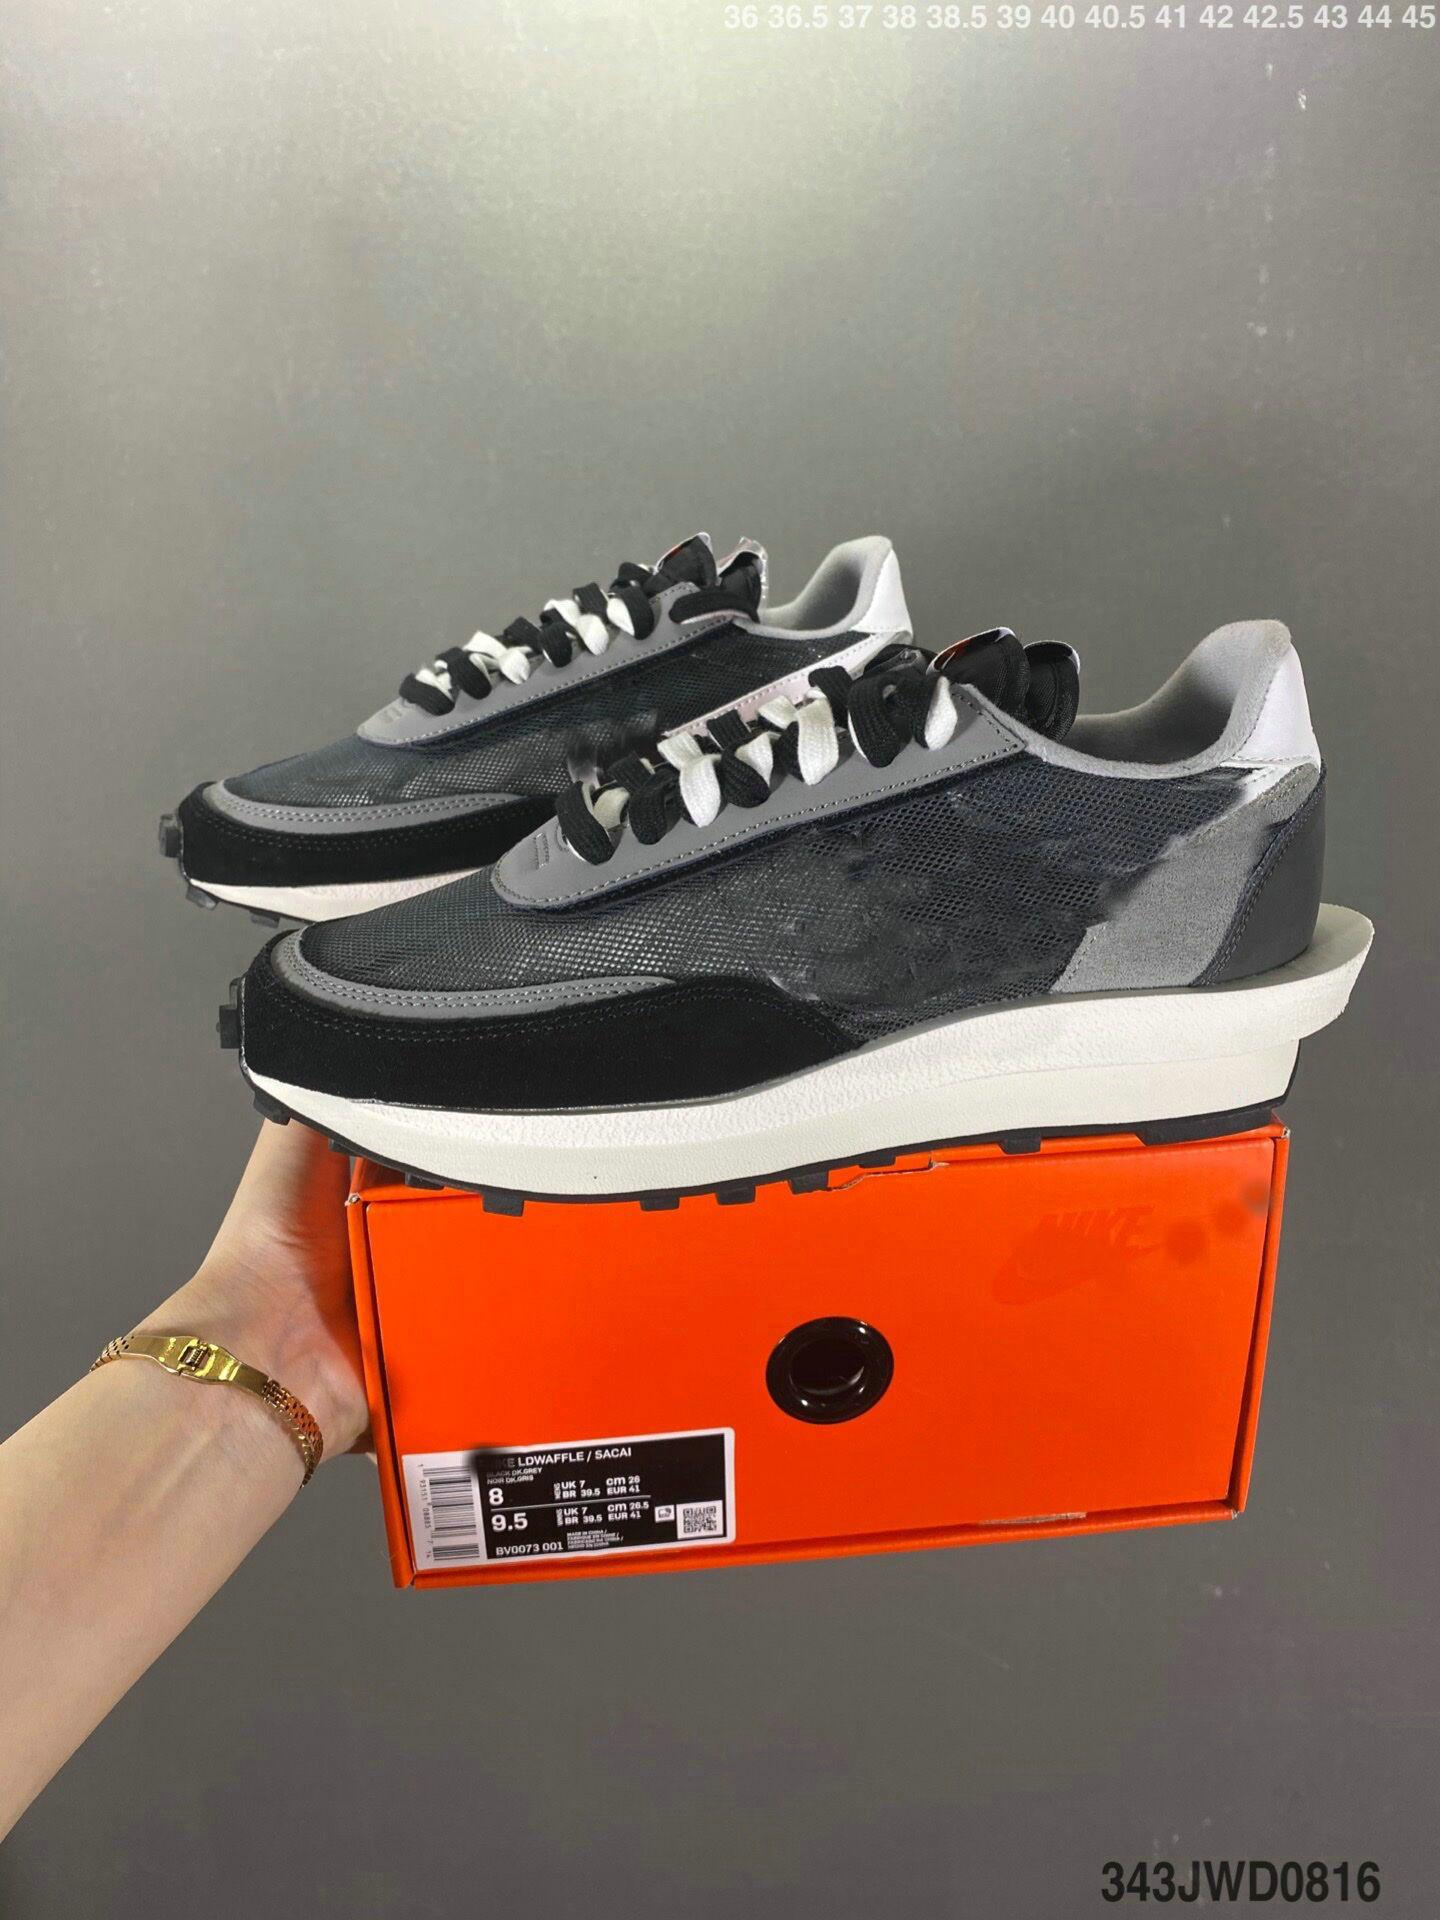 Kutu ile 2021 Erkekler Rahat Ayakkabılar Release X Vaporwaffle LDWaffle LDV Siyah Beyaz Yeşil Mavi Kırmızı Kadın Açık Spor Nefes Sneakersacai EUR Boyutu 36-45